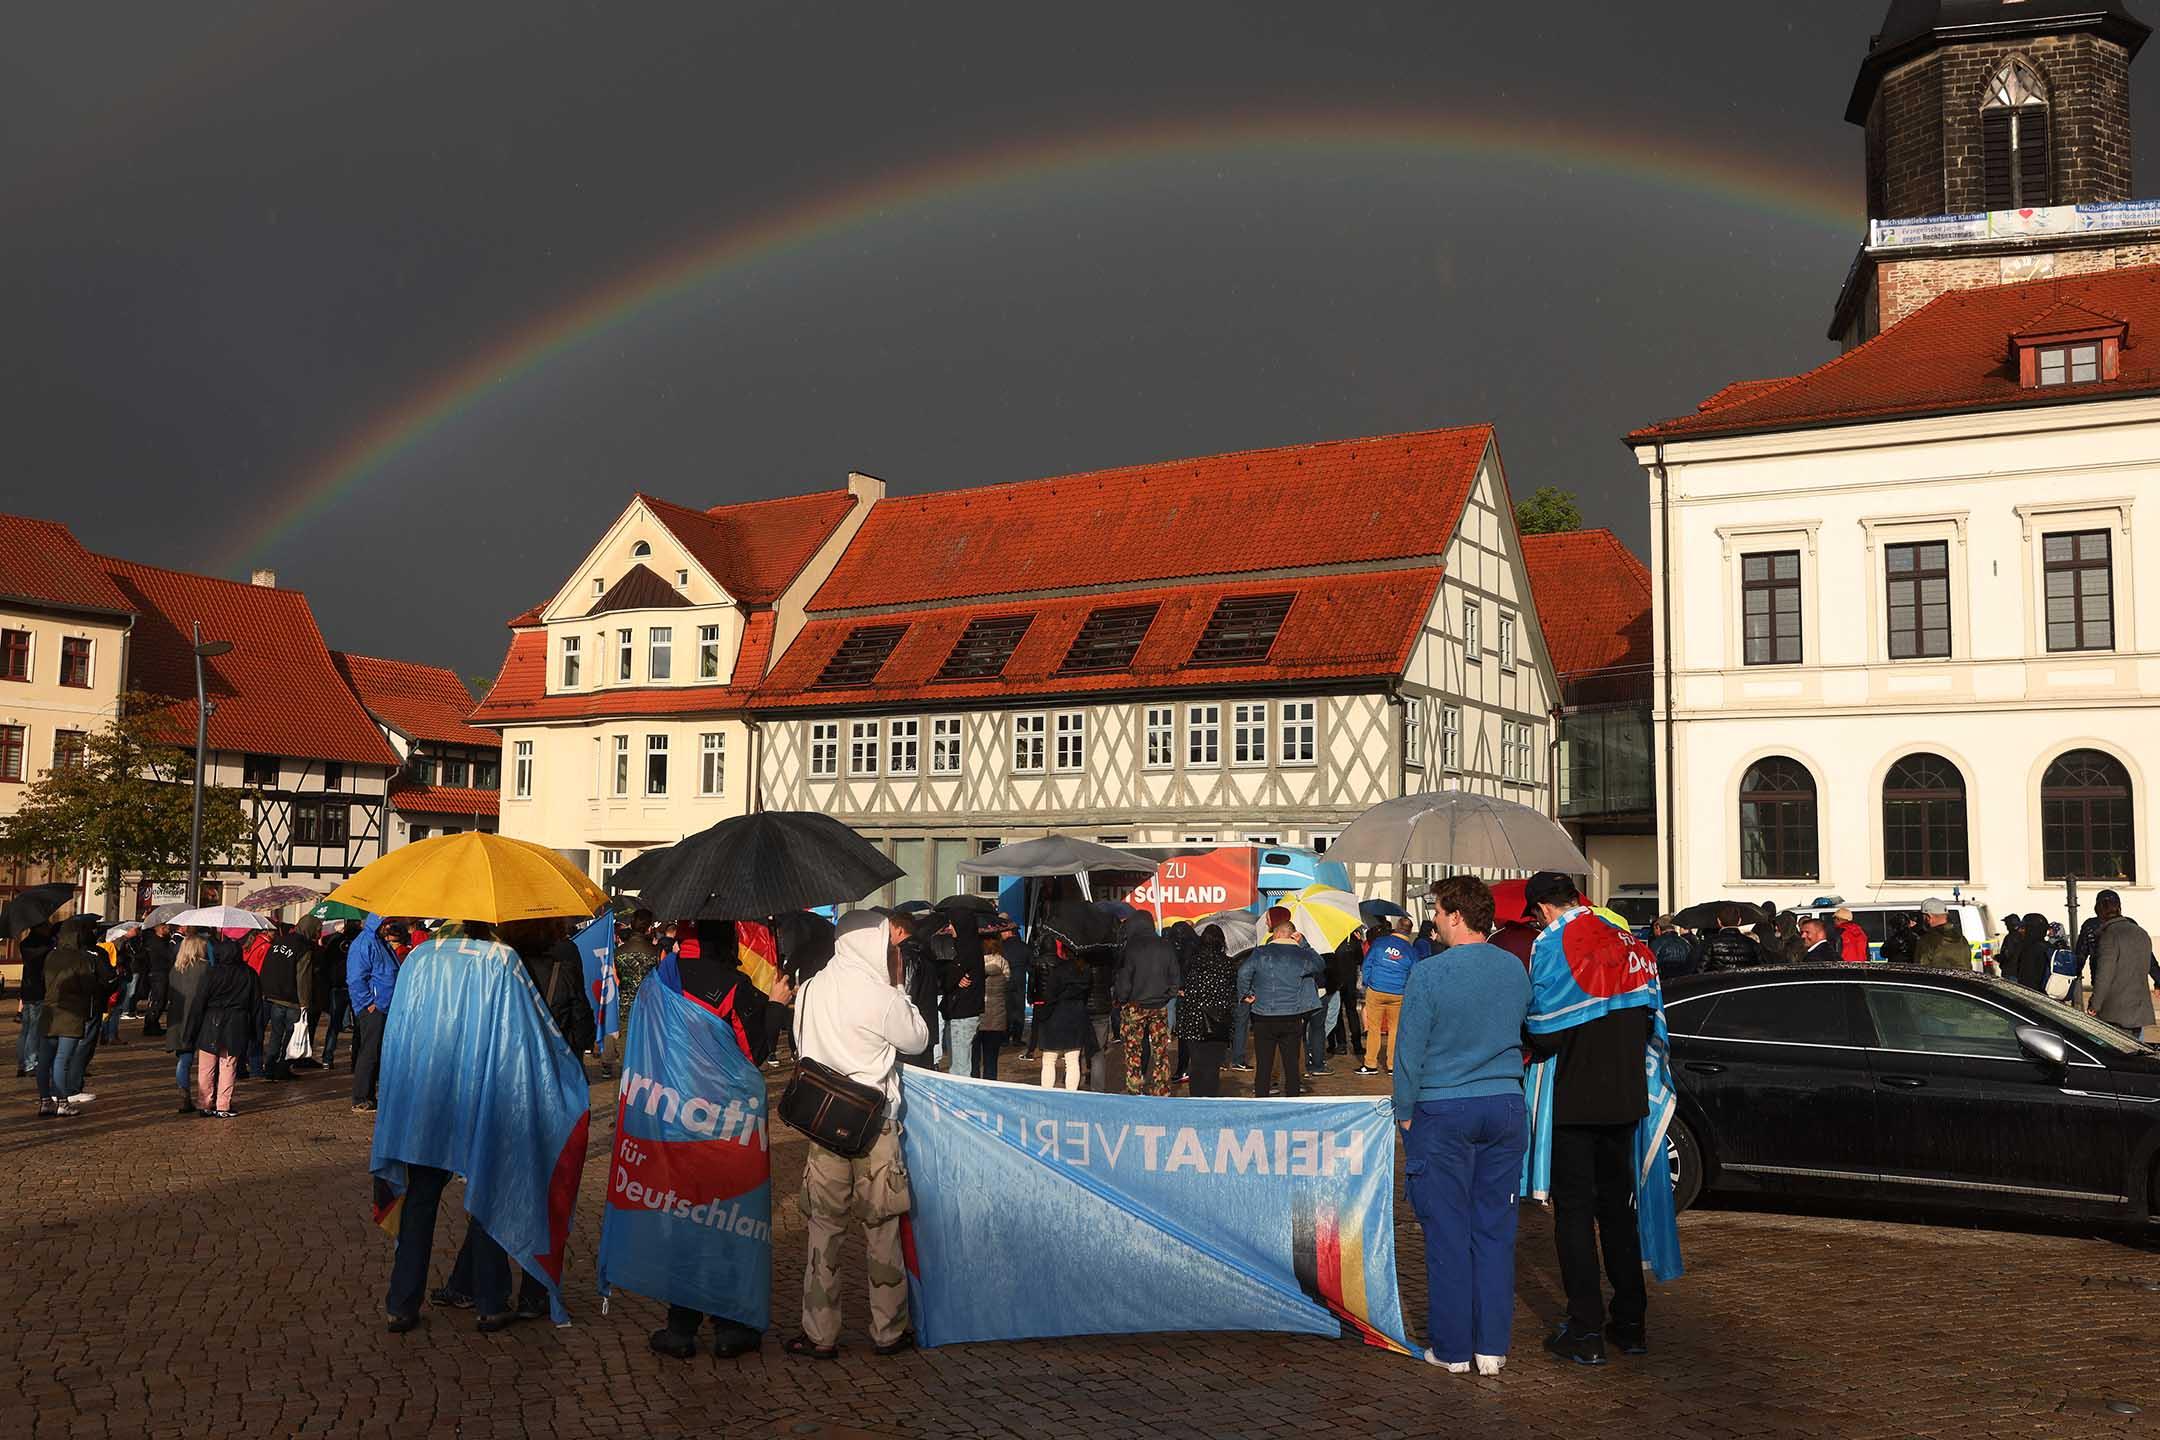 2021年5月28日德國哈爾登斯萊本,德國選擇黨的支持者參加競選集會,期間看到彩虹。